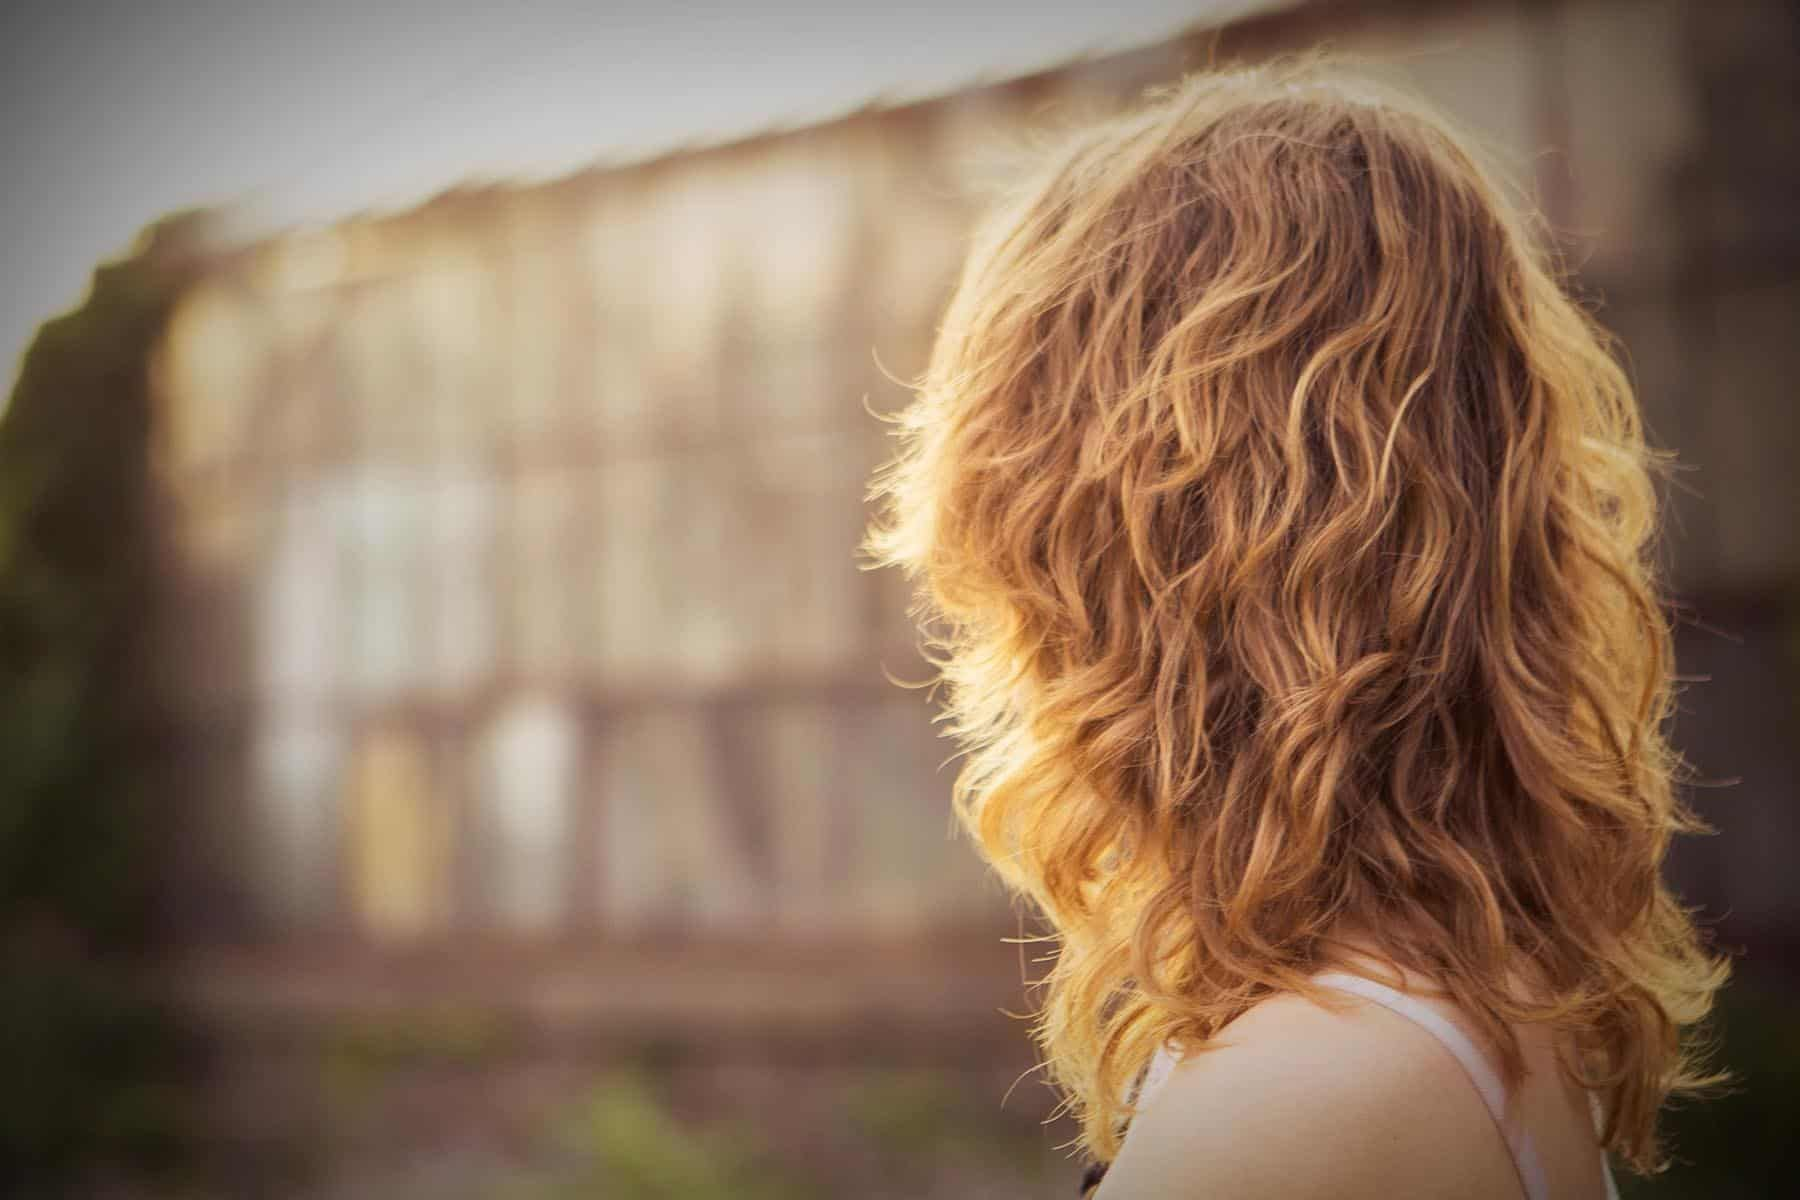 Wie Viel Kostet Eine Dauerwelle Fur Kurze Haare Lange Haare Mittlere Haare Neueste Frisuren Und Haarschnitte Fur Frauen Einfache Naturliche Frisuren Long Hair Styles Long Hair Older Women Hair Styles